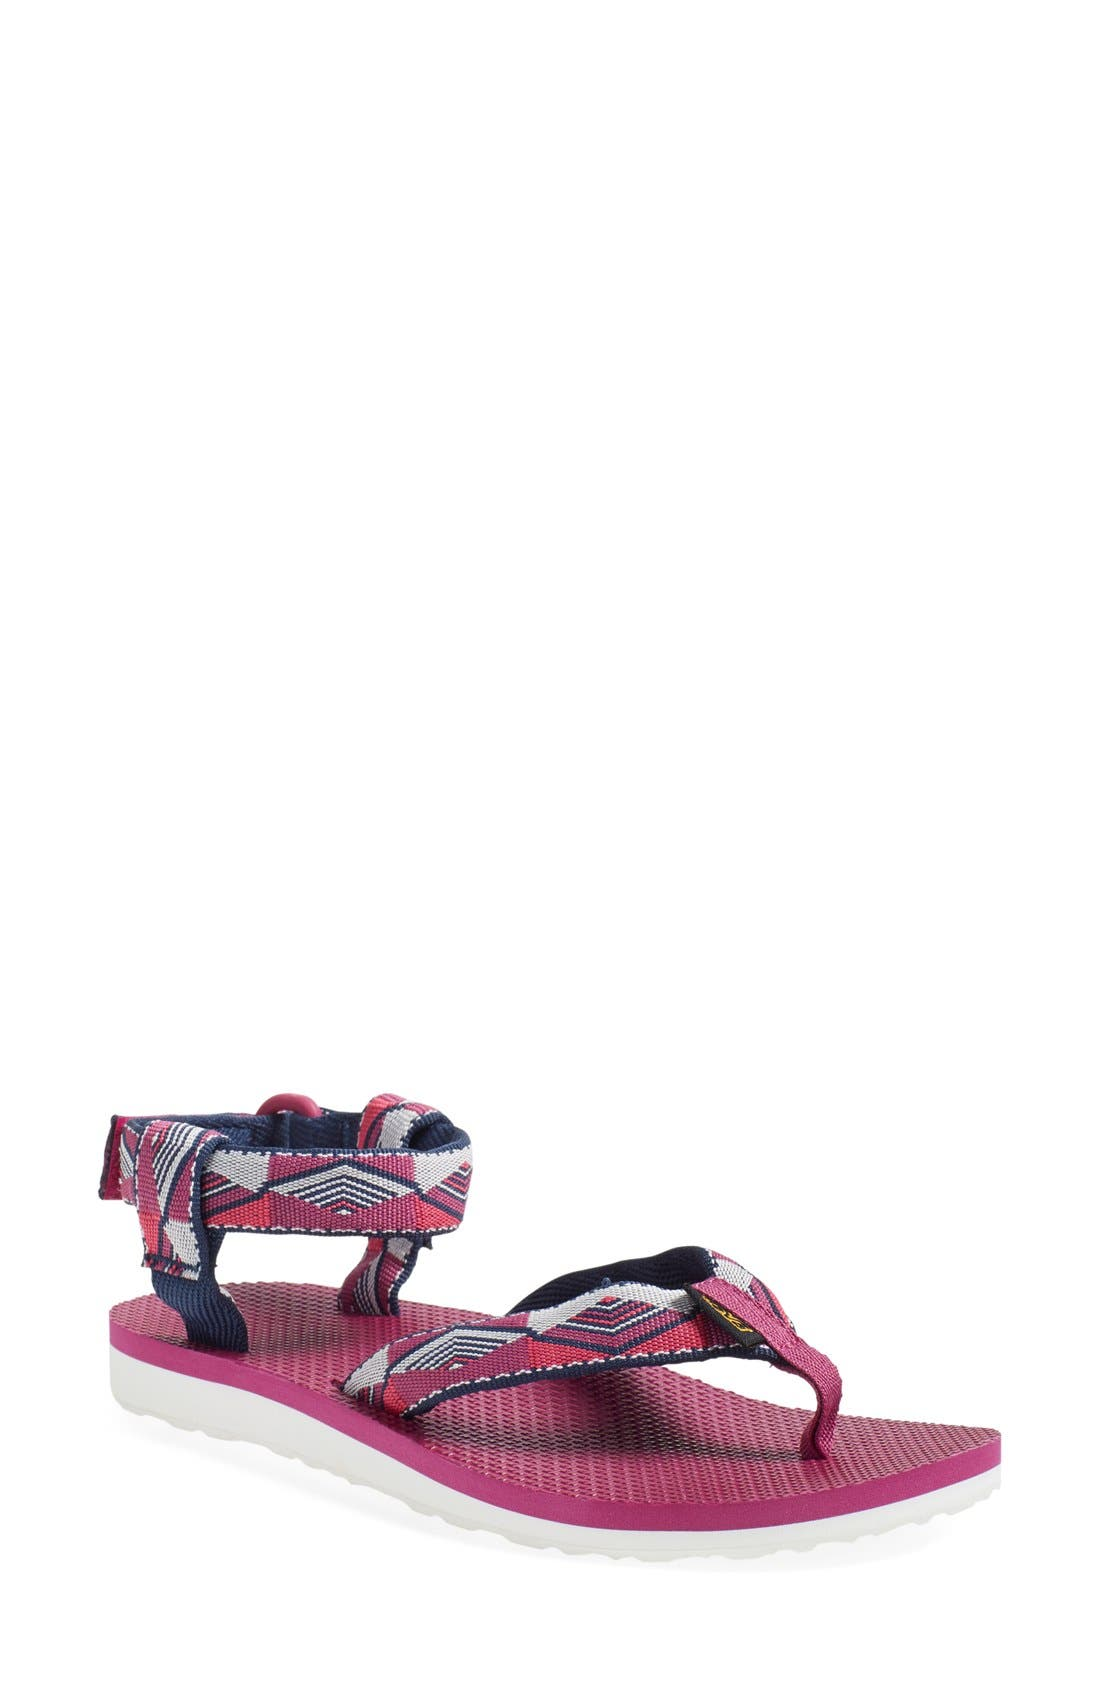 Main Image - Teva Original Sport Sandal